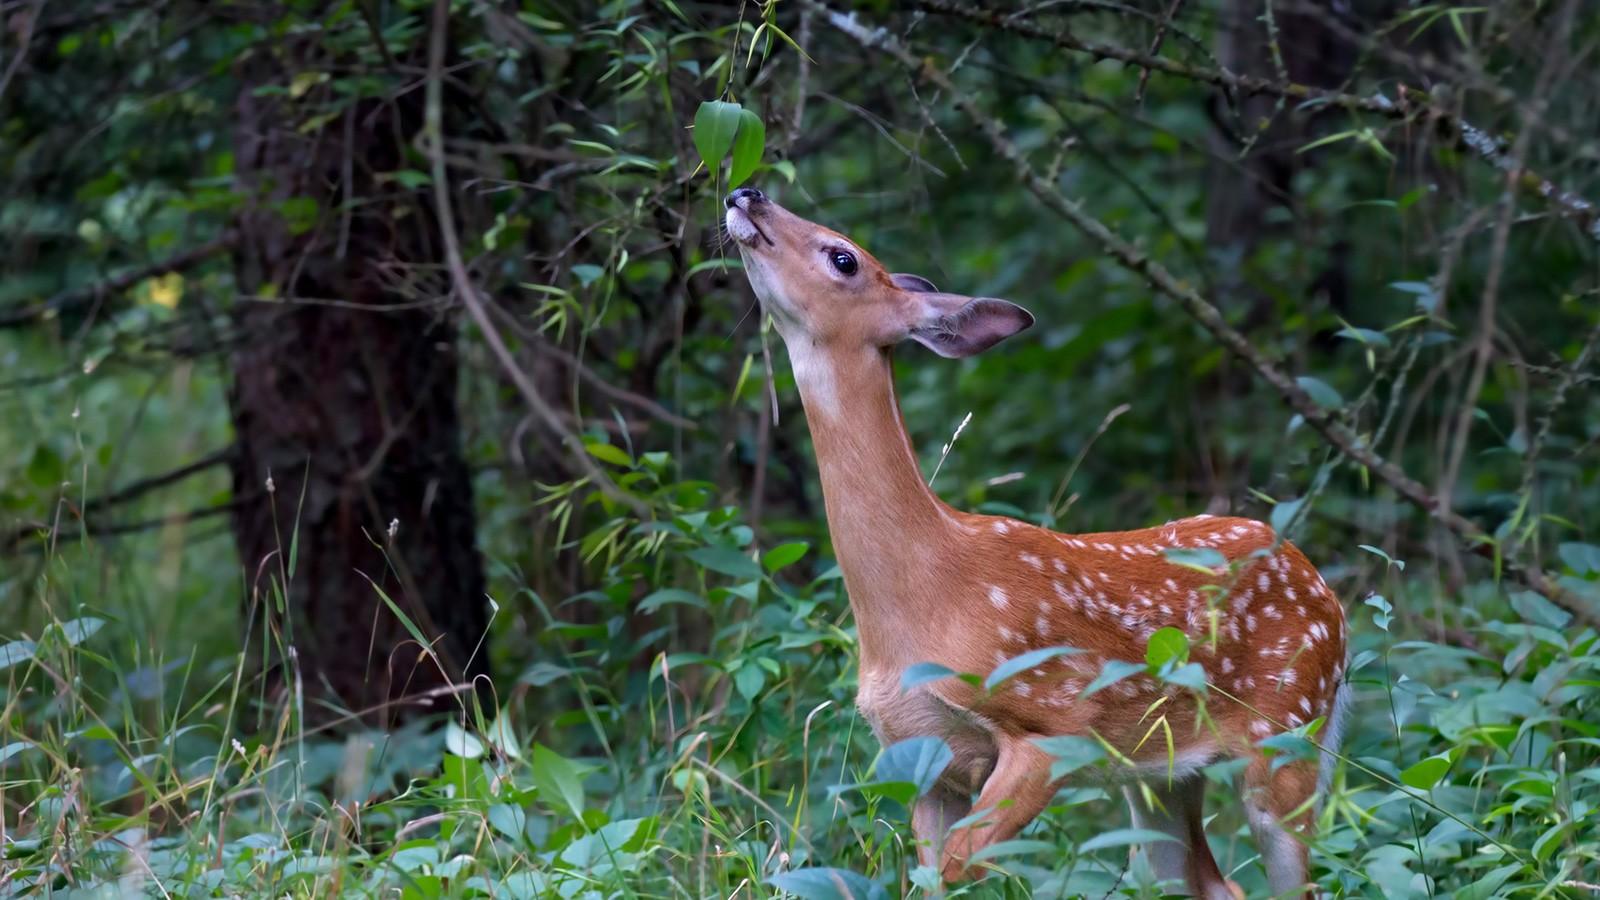 herbivore deer eating leaves on tree